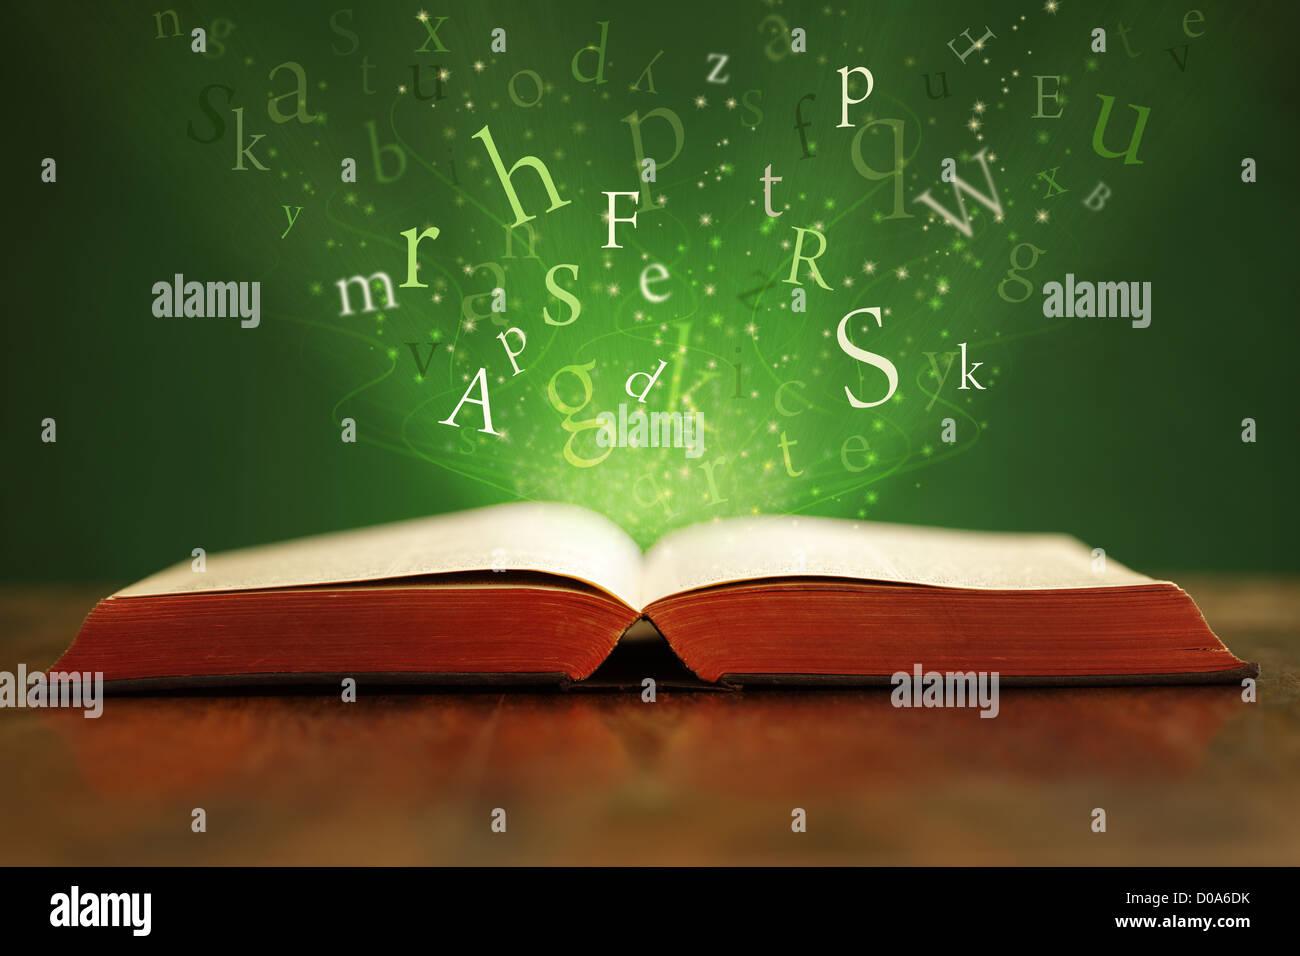 Palabras mágicas Imagen De Stock